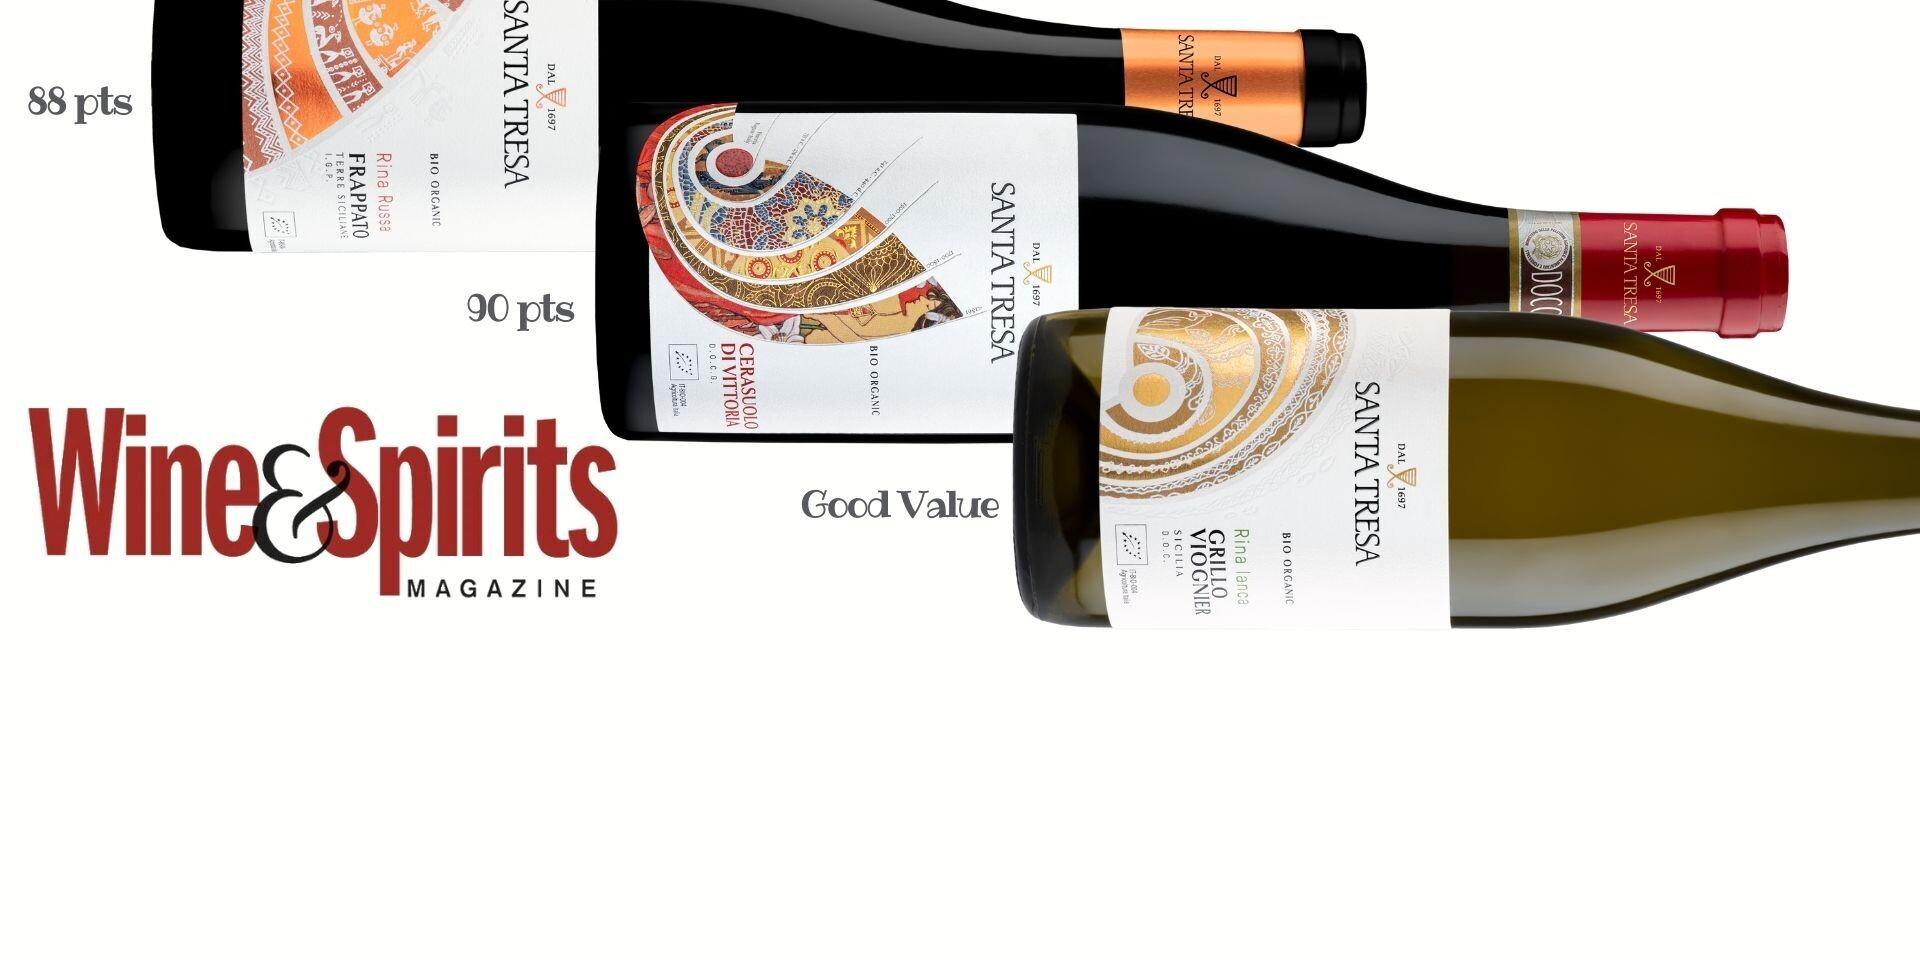 Wine & Spirits USA | Santa Tresa scores